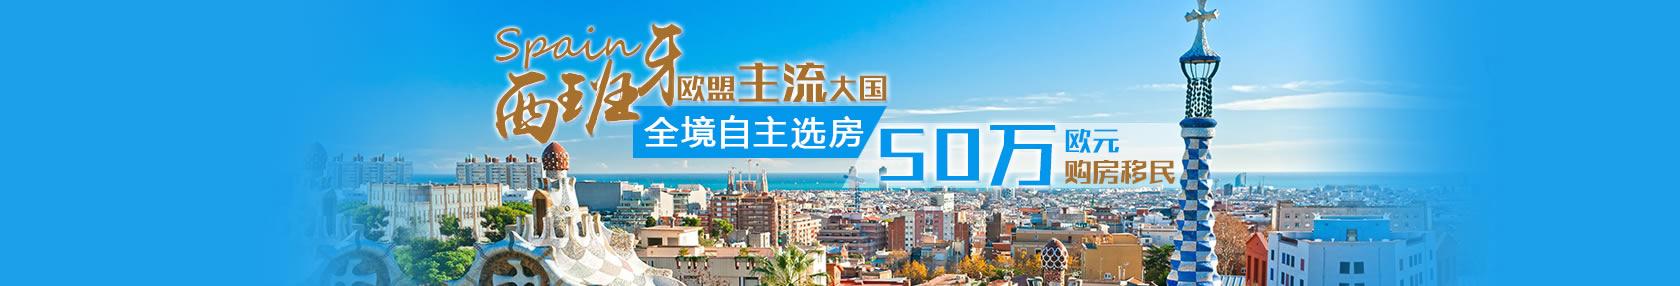 西班牙投资移民,购置西班牙房产超低价抢占先机!